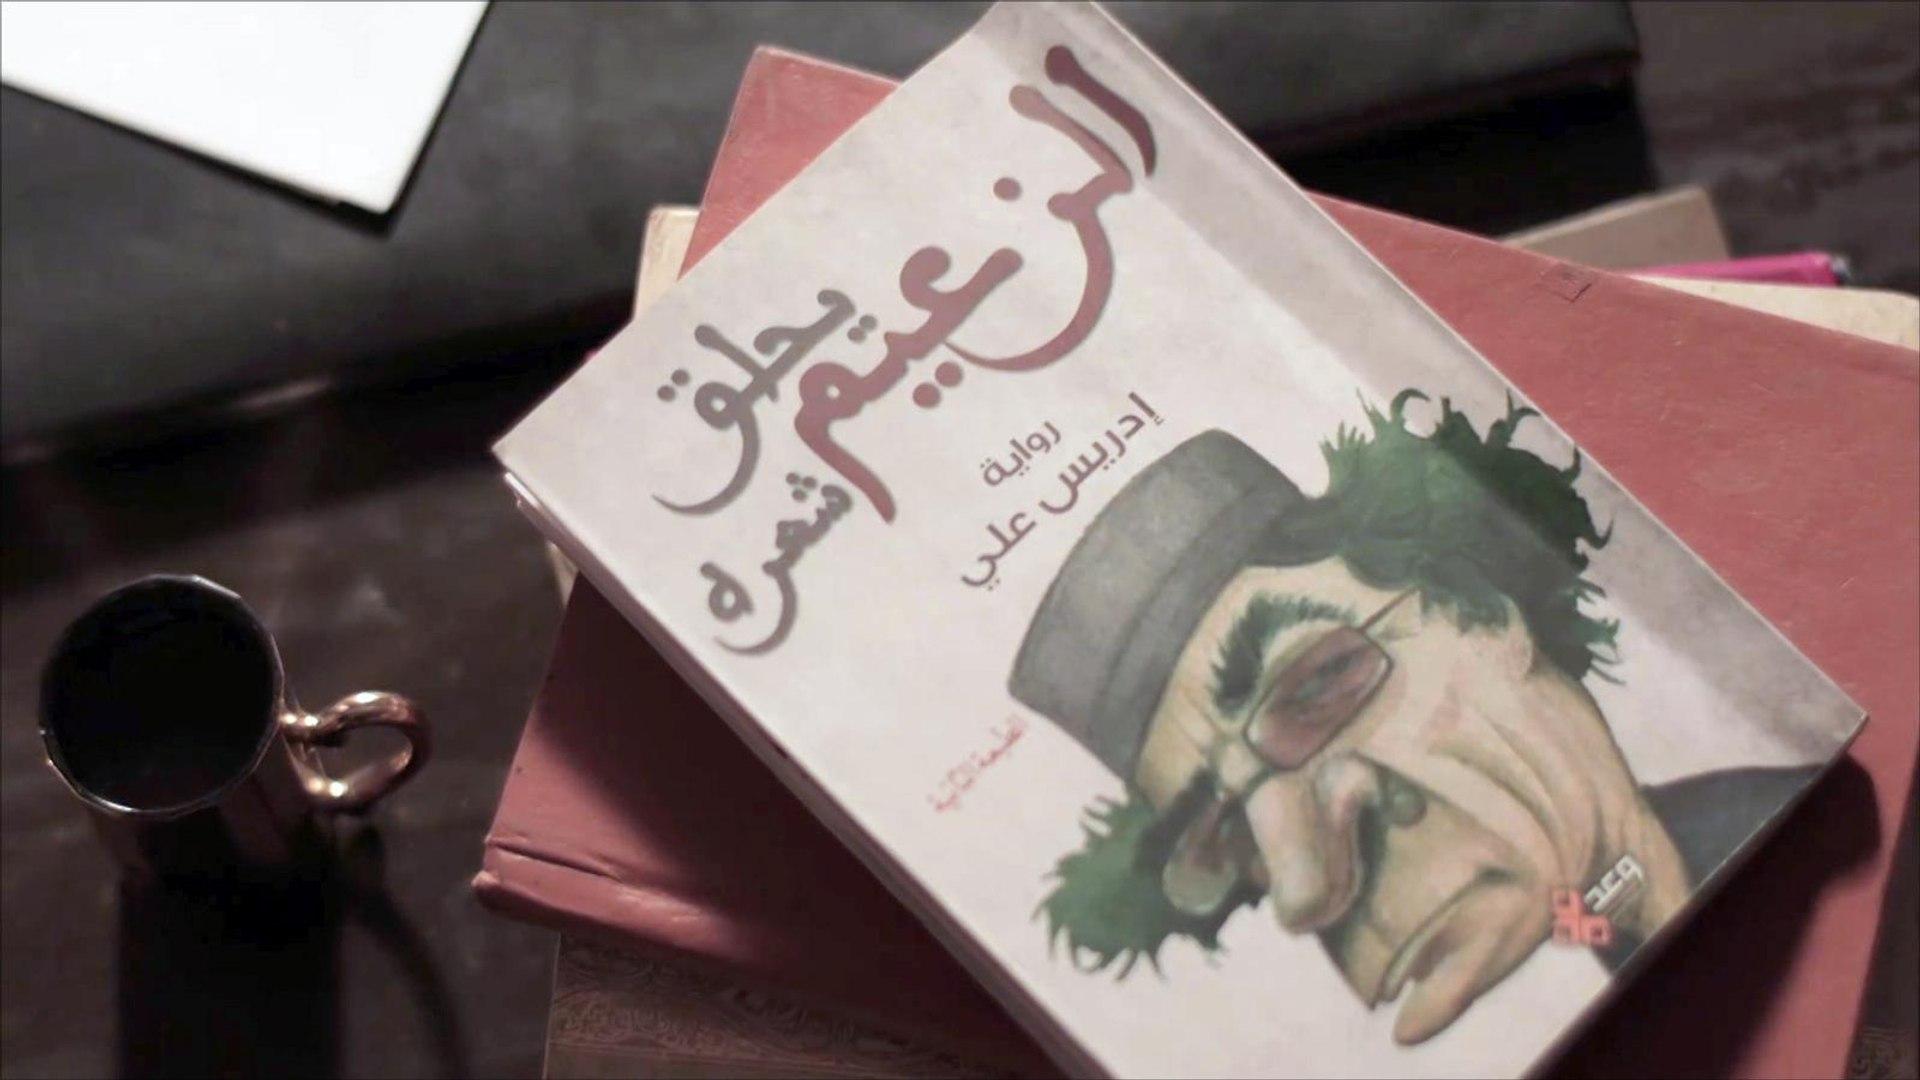 خارج النص- الزعيم يحلق شعره.. رواية أغضبت القذافي